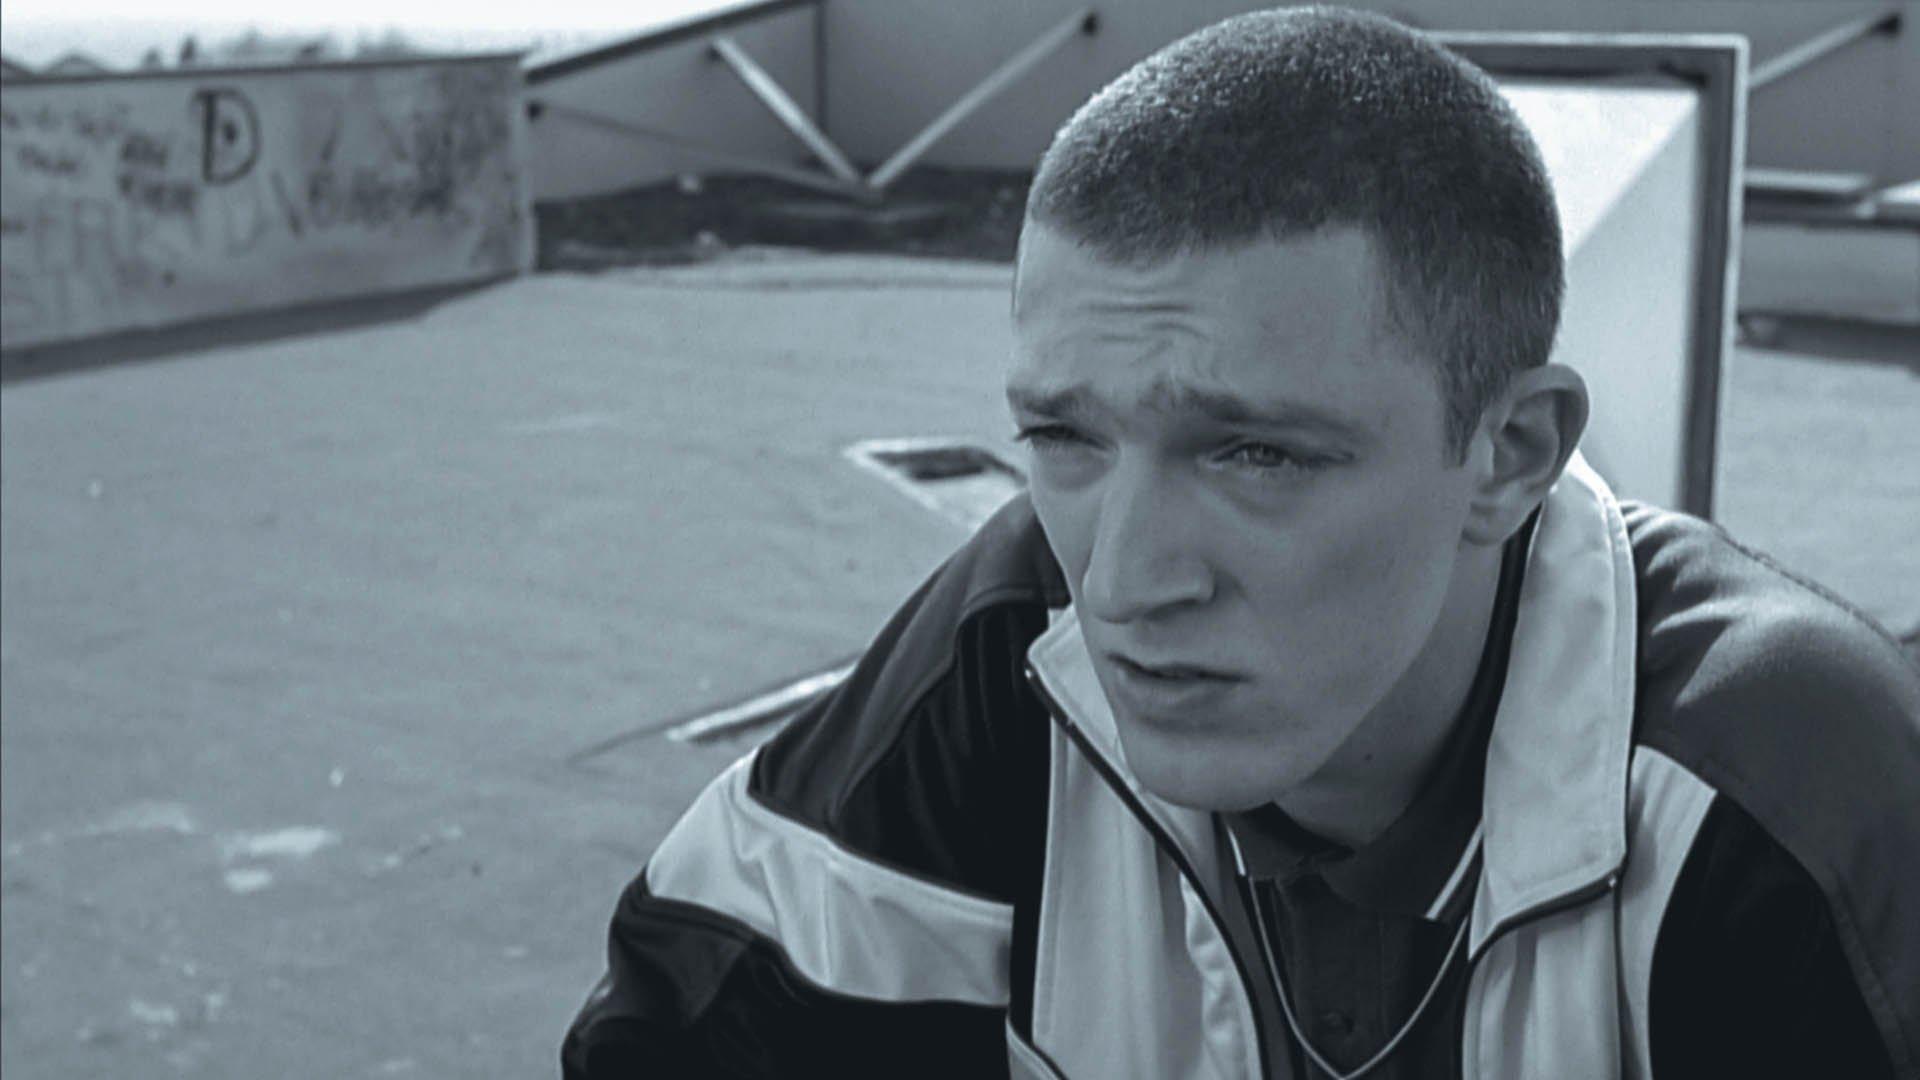 Vinz è il protagonista di un capolavoro maledetto come Il Cacciatore e Taxi Driver